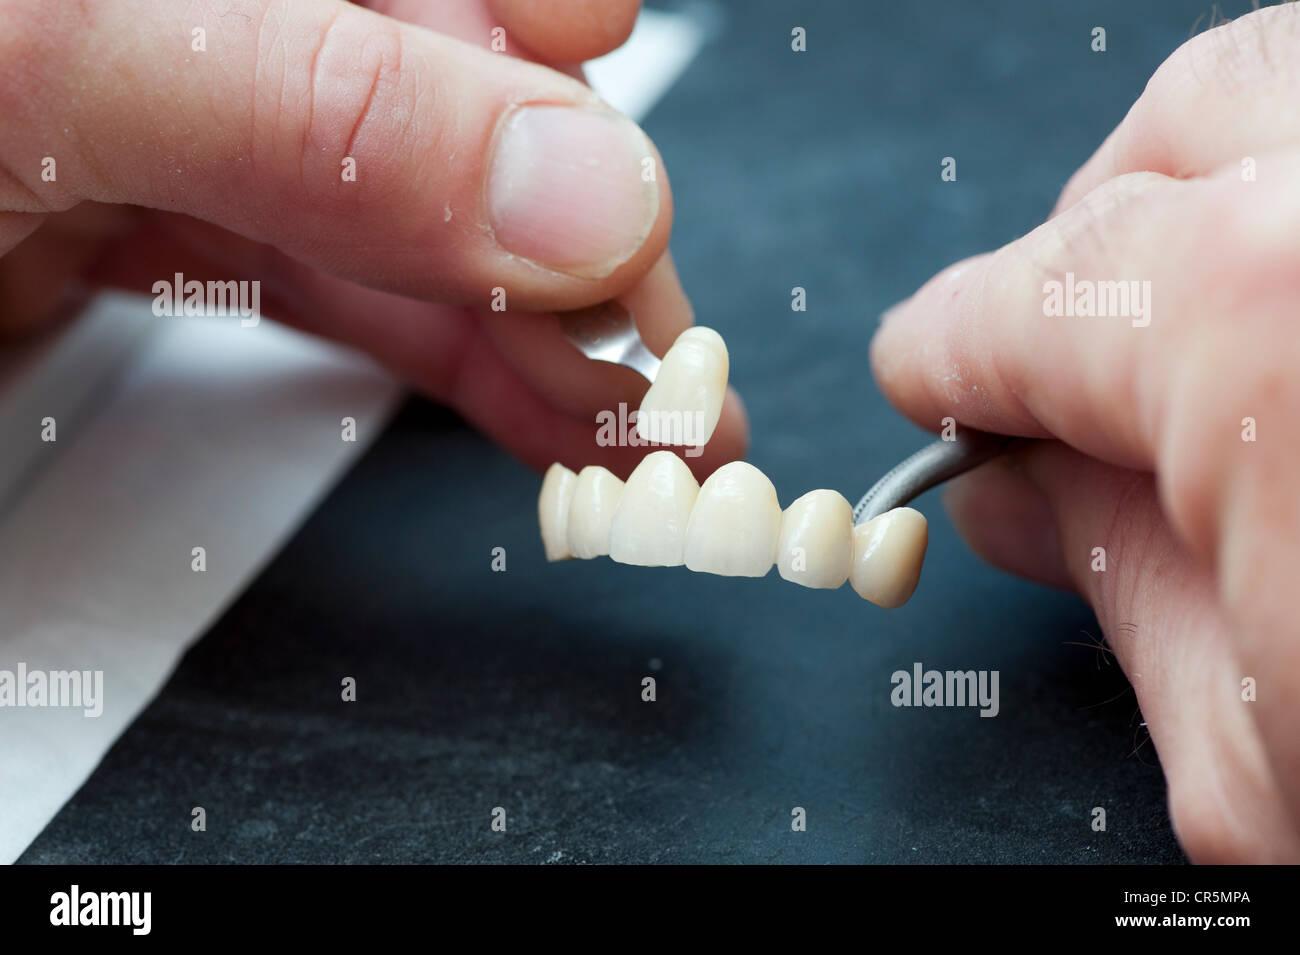 Confronto del colore delle corone dentali Immagini Stock